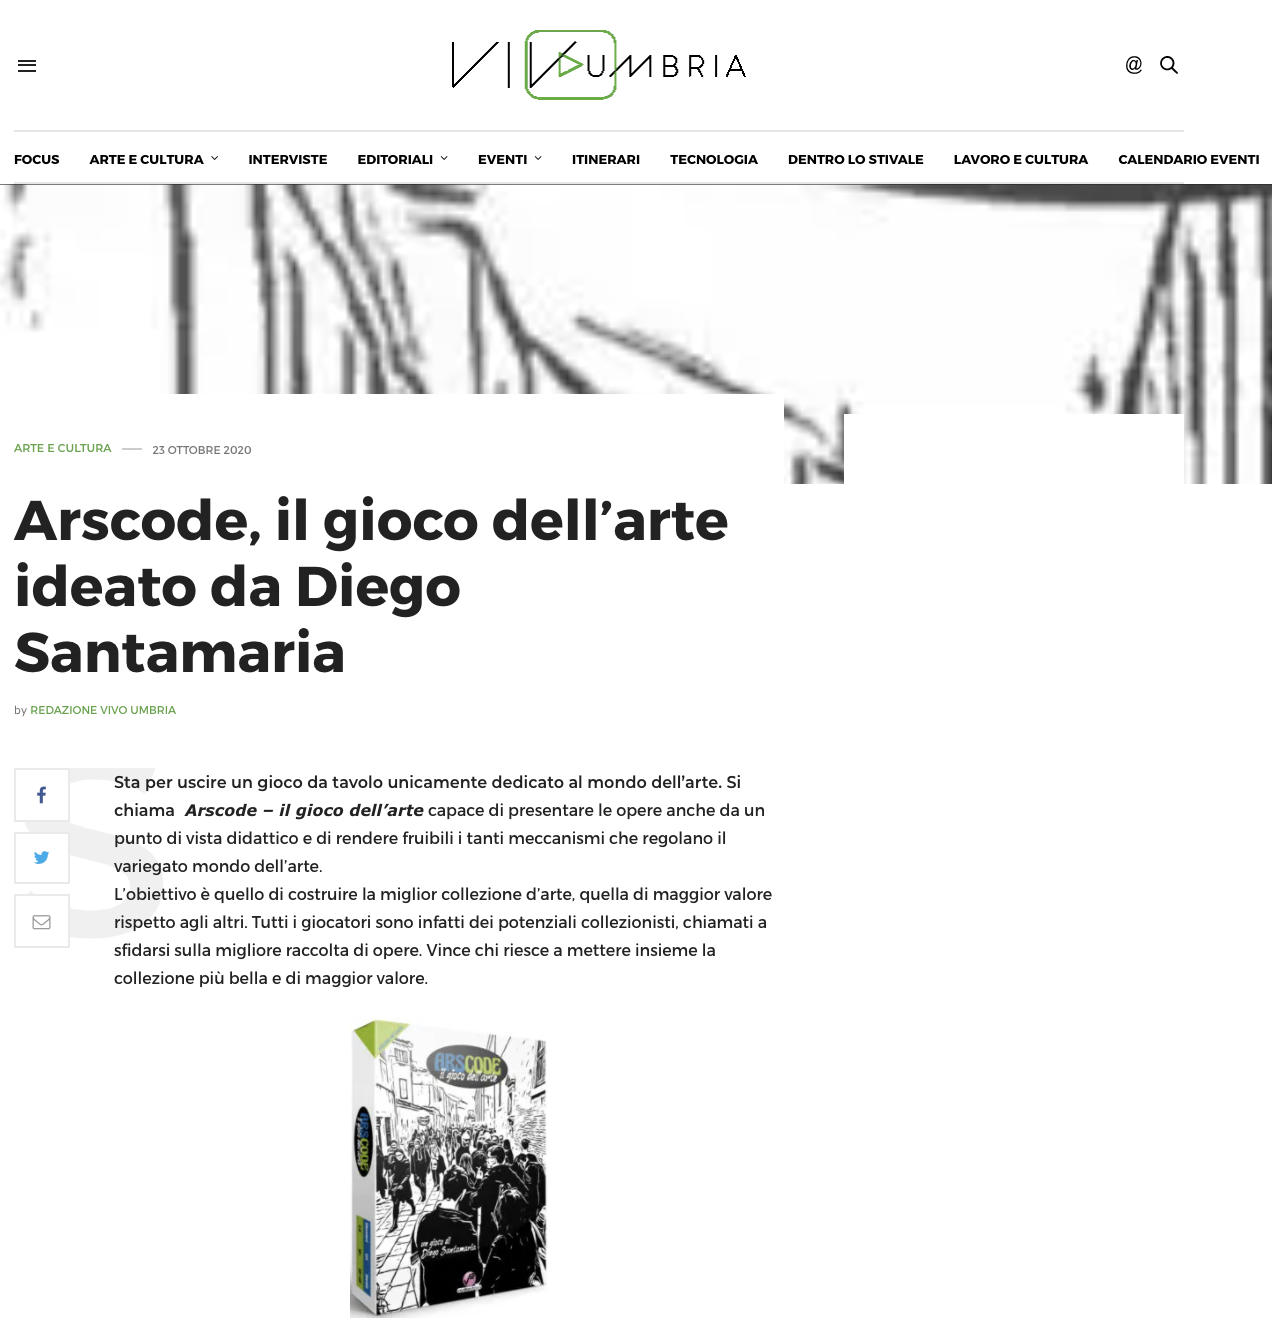 Arscode, il gioco dell'arte ideato da Diego Santamaria | Vivo Umbria